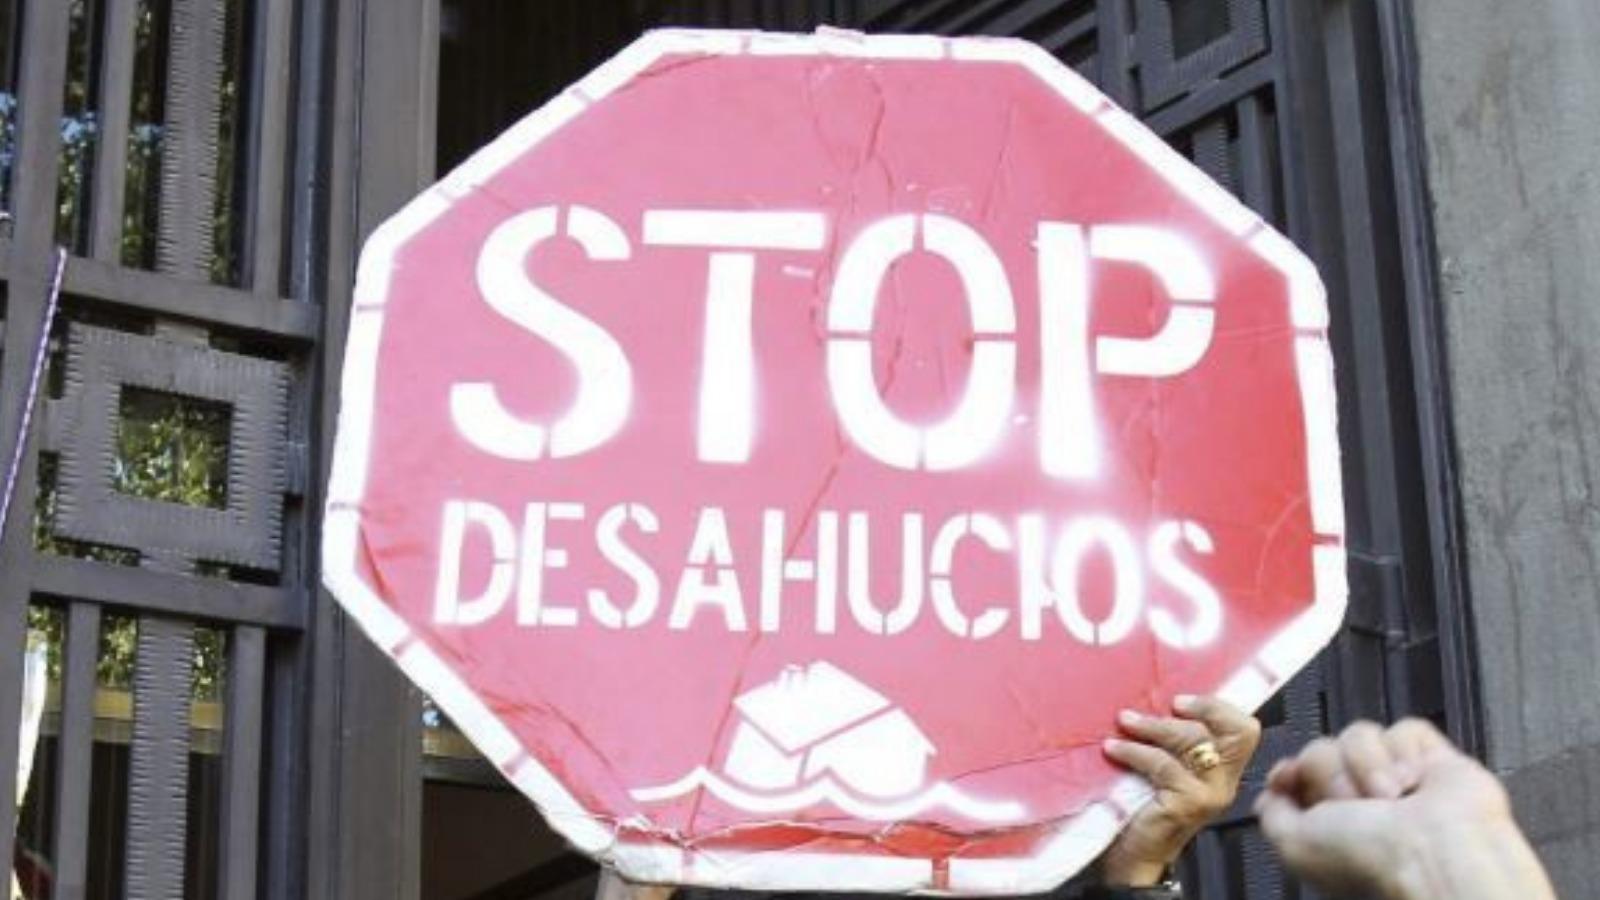 El decreto STOP-desahucios protege temporalmente a familias vulnerables